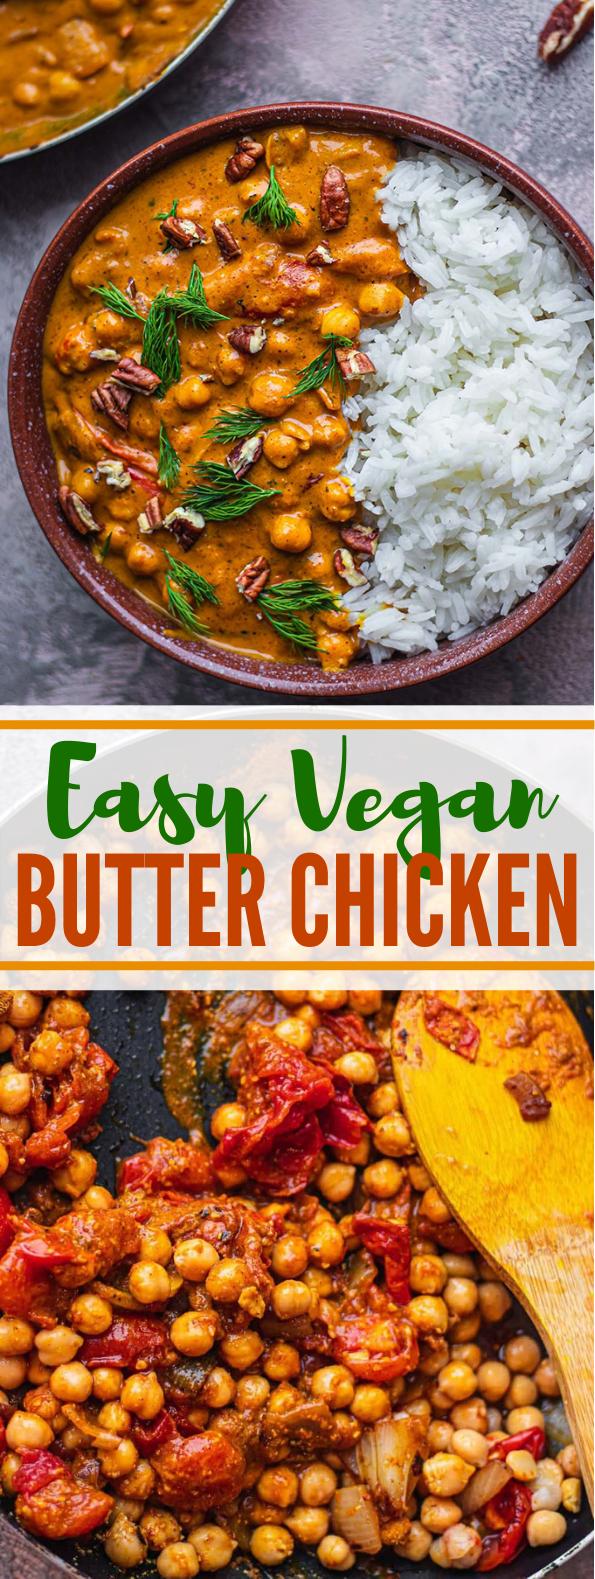 Easy Vegan Butter Chicken (Butter Chickpeas) #vegetarian #dinner